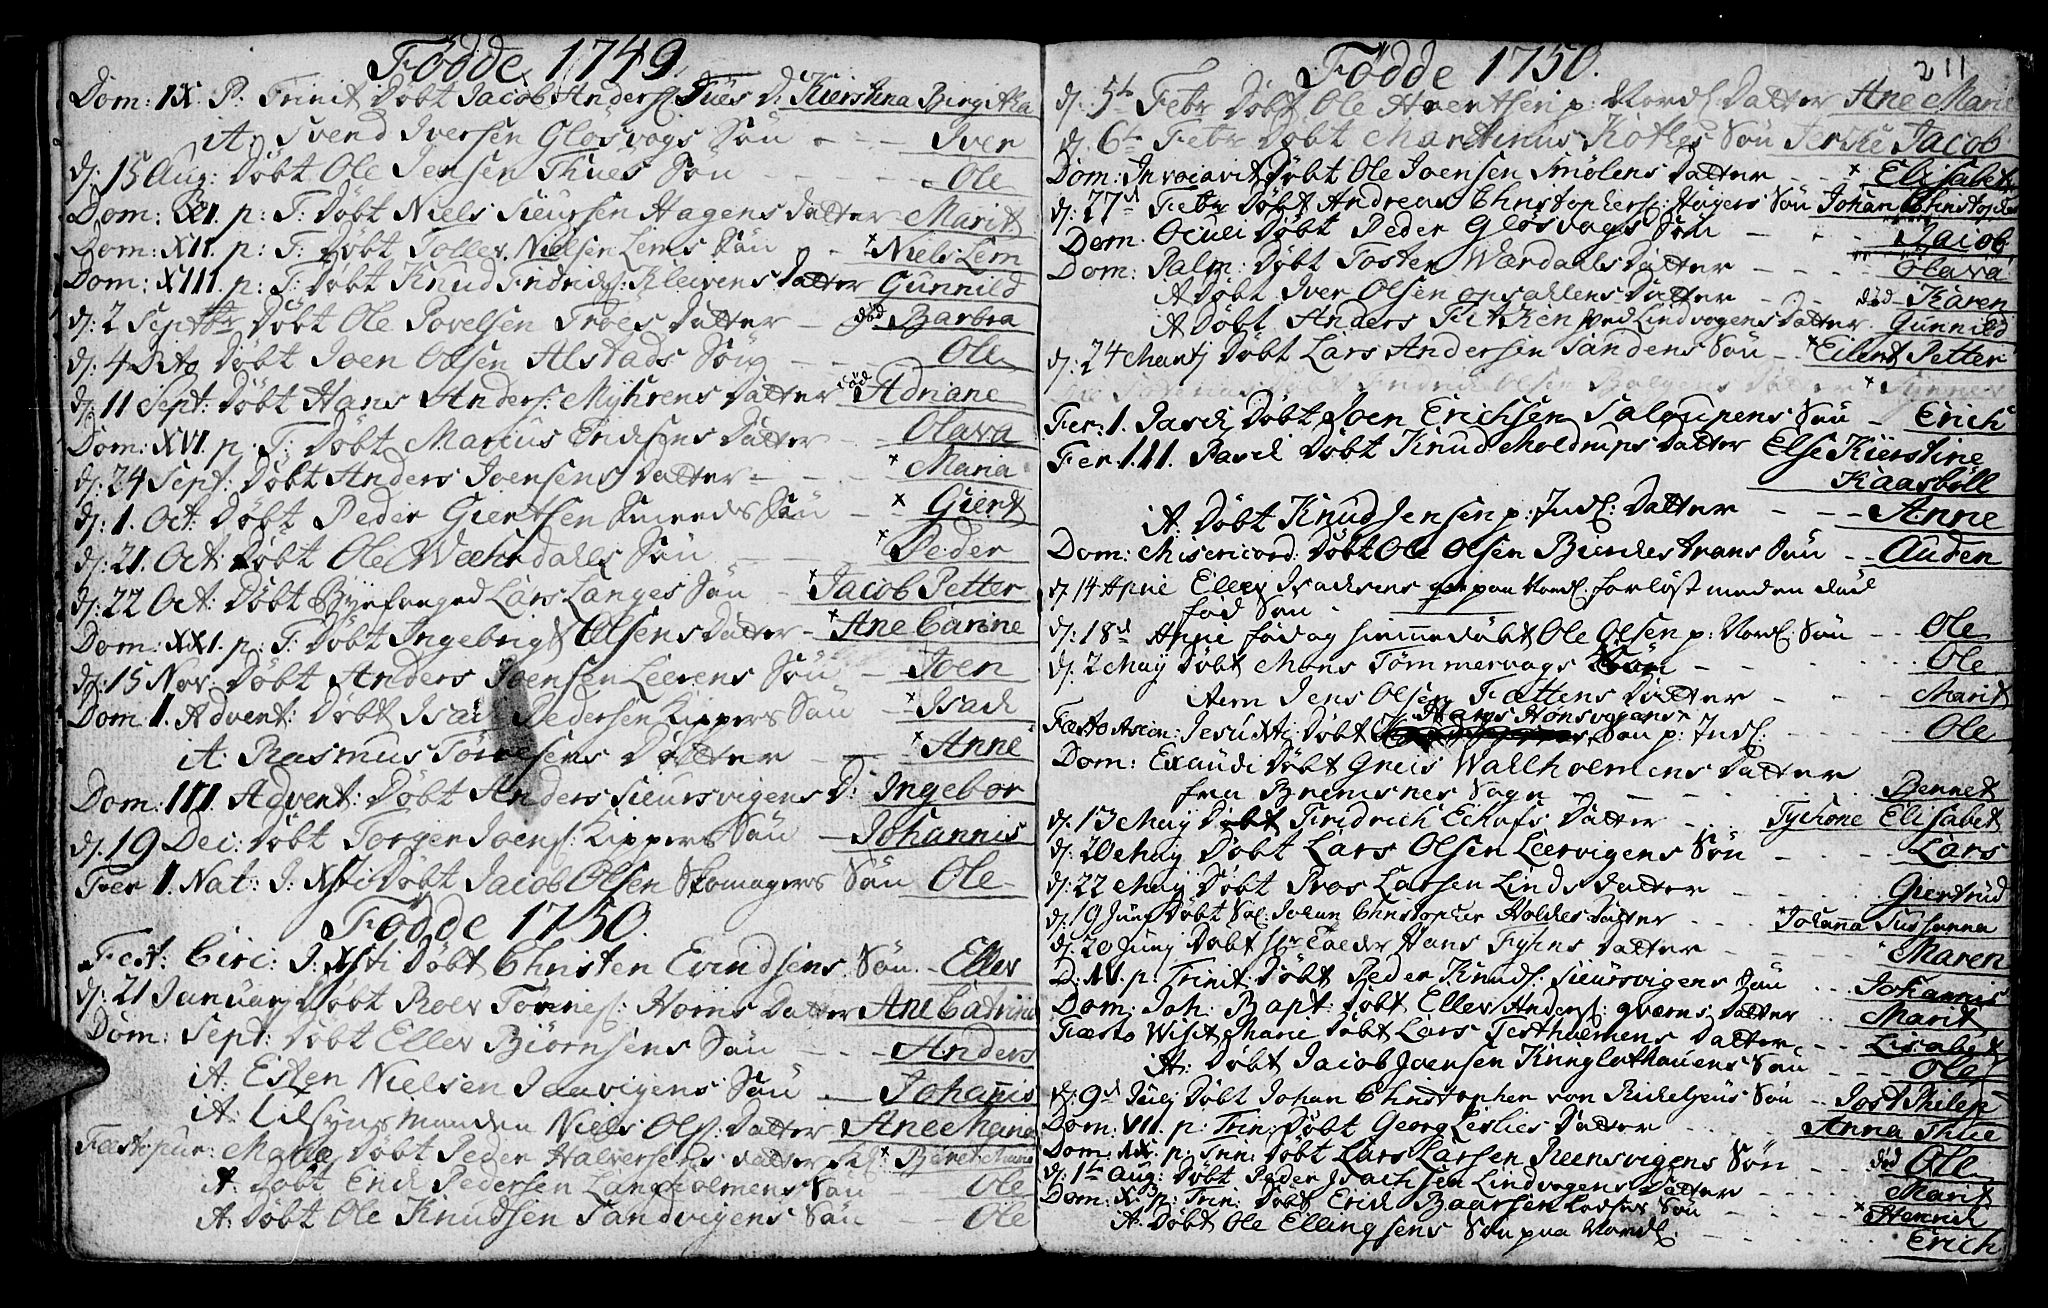 SAT, Ministerialprotokoller, klokkerbøker og fødselsregistre - Møre og Romsdal, 572/L0839: Ministerialbok nr. 572A02, 1739-1754, s. 210-211